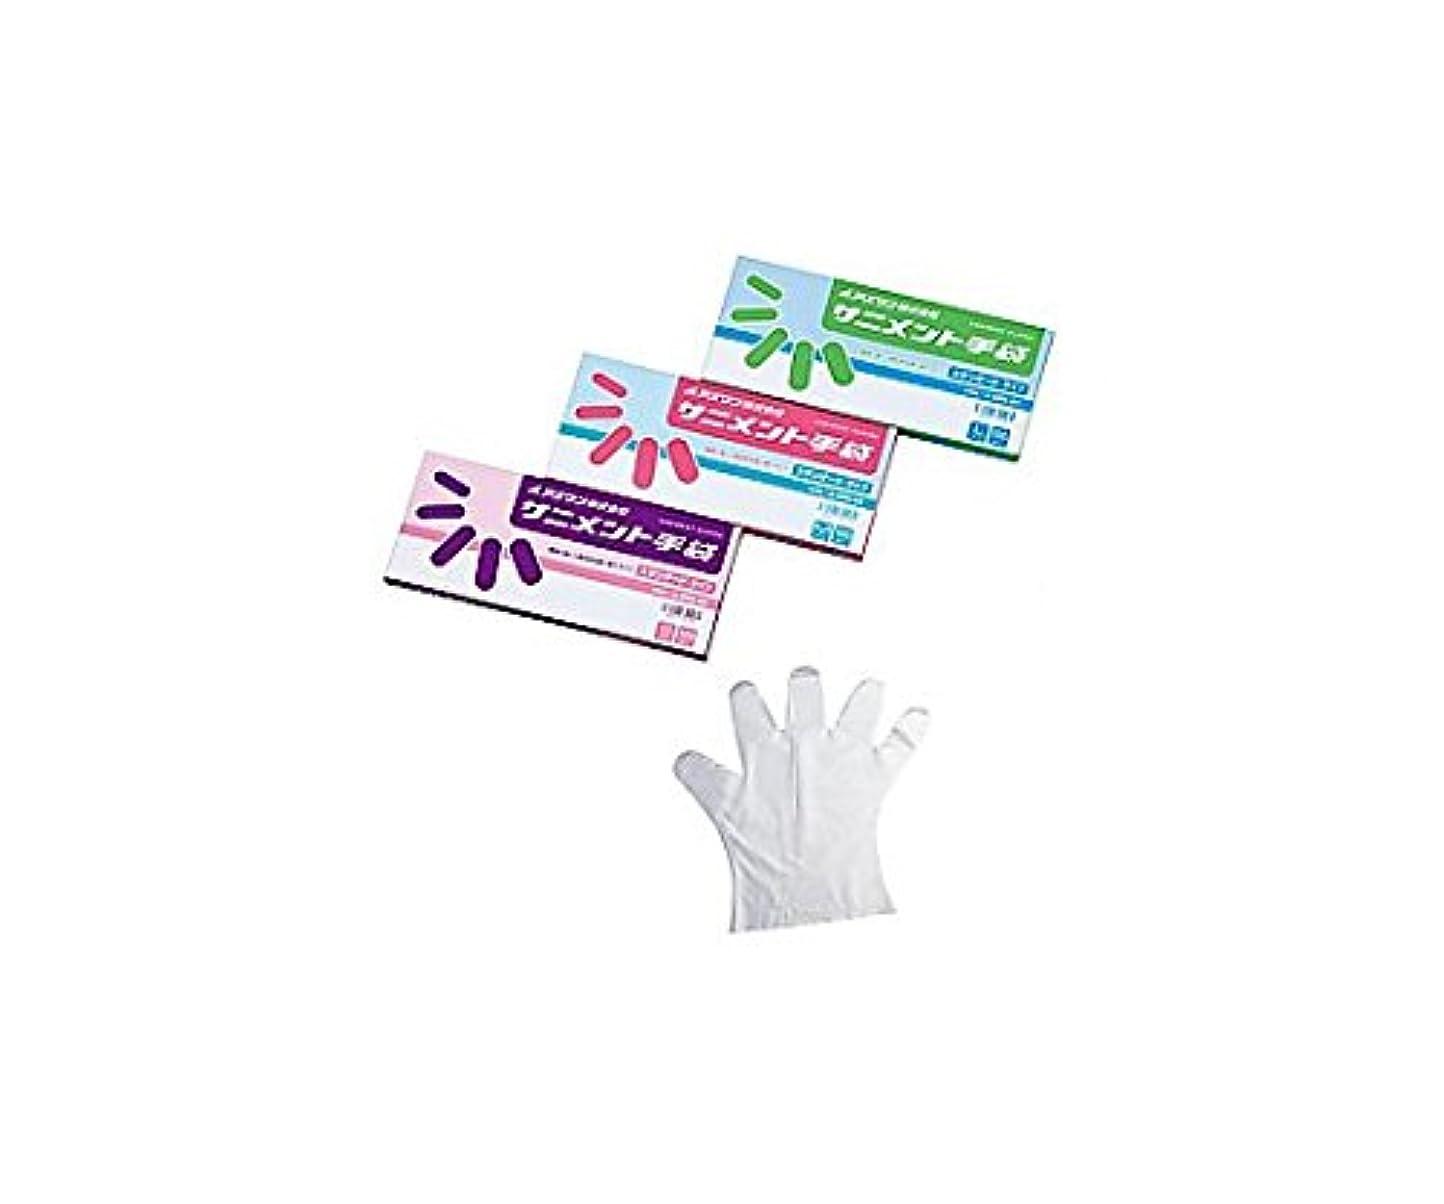 信頼母大声でアズワン9-888-01ラボランサニメント手袋(PE?厚手タイプ)スタンダードL10箱+1箱